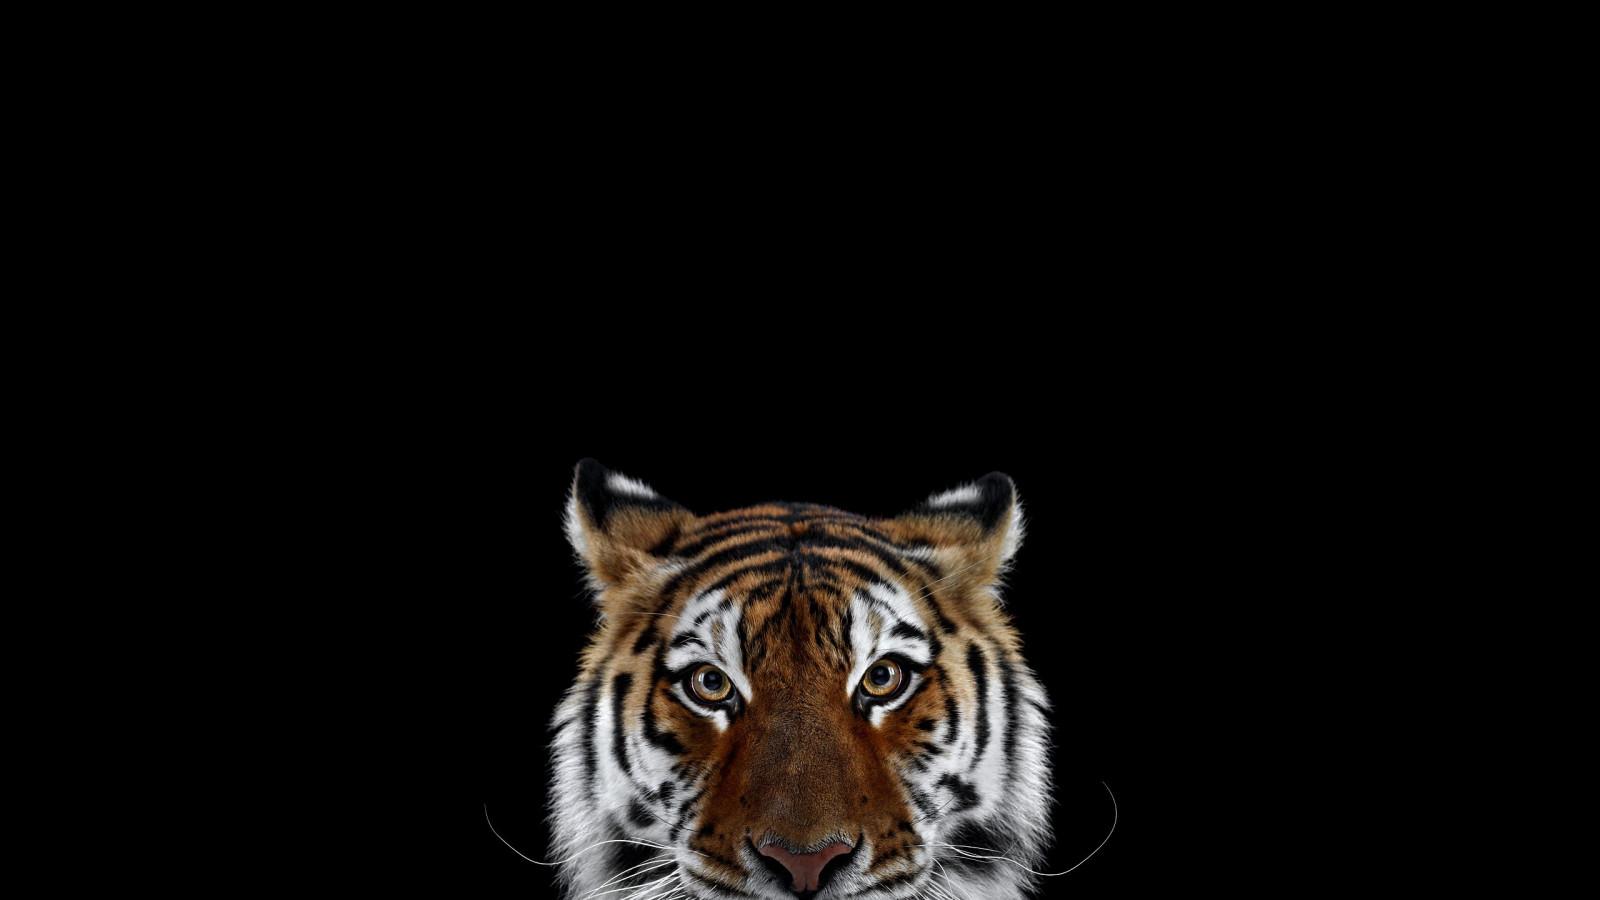 6600 Gambar Hewan Macan Hitam HD Terbaik